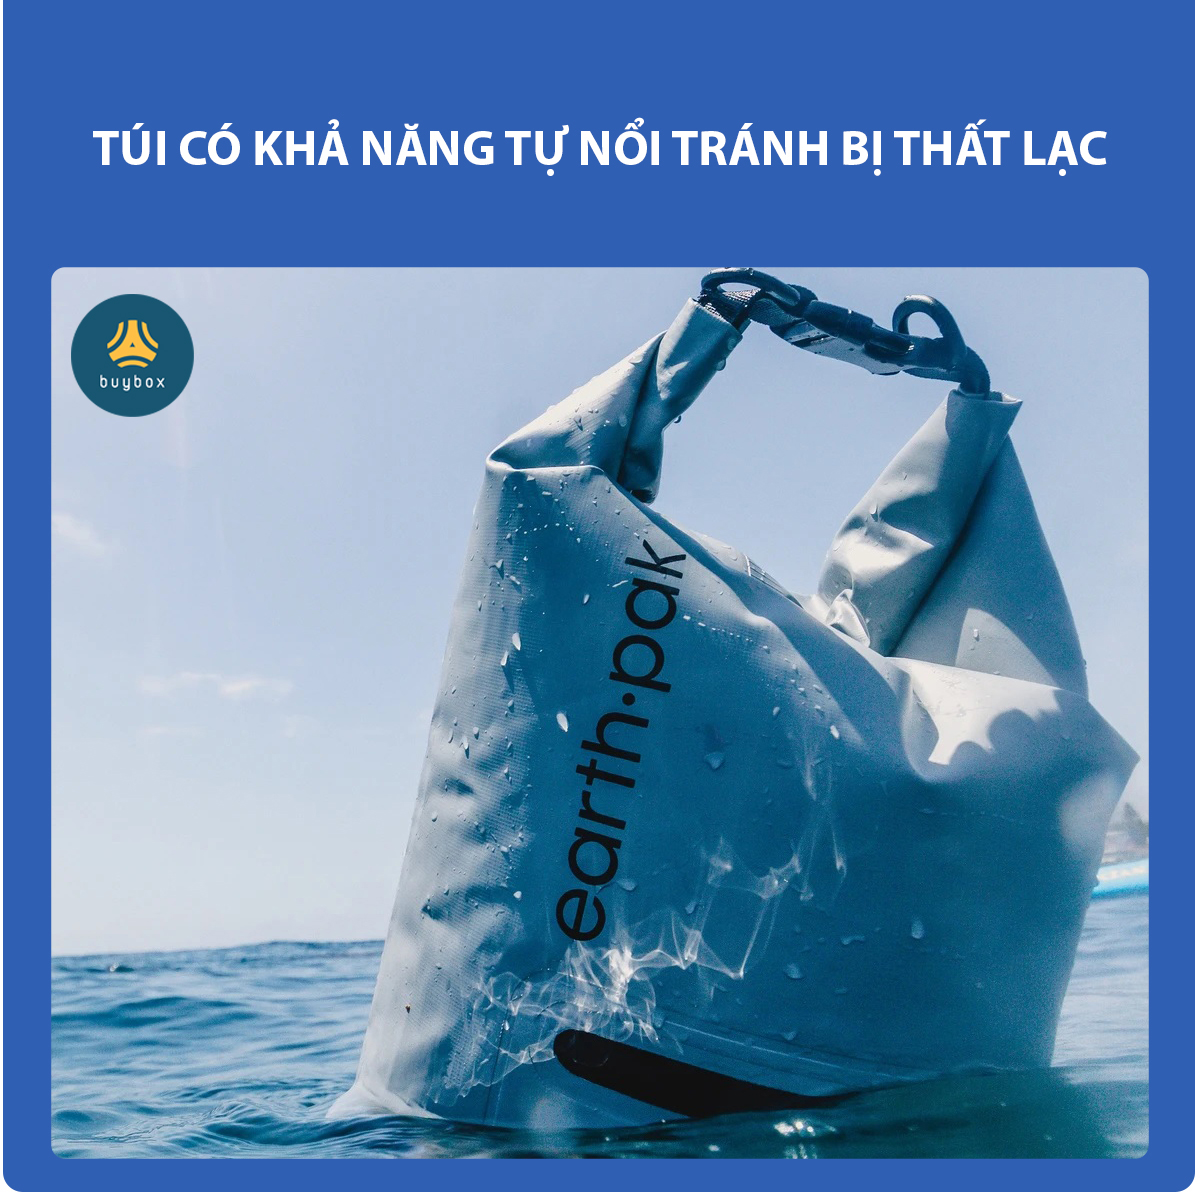 Balo chống nước đi phượt chất liệu 500D PVC sản xuất tại Việt Nam - 10L, 20L, 30L, 40L, 55L - buybox - BBPK161 có khả năng nổi trên mặt nước giúp chống thất lạc đồ